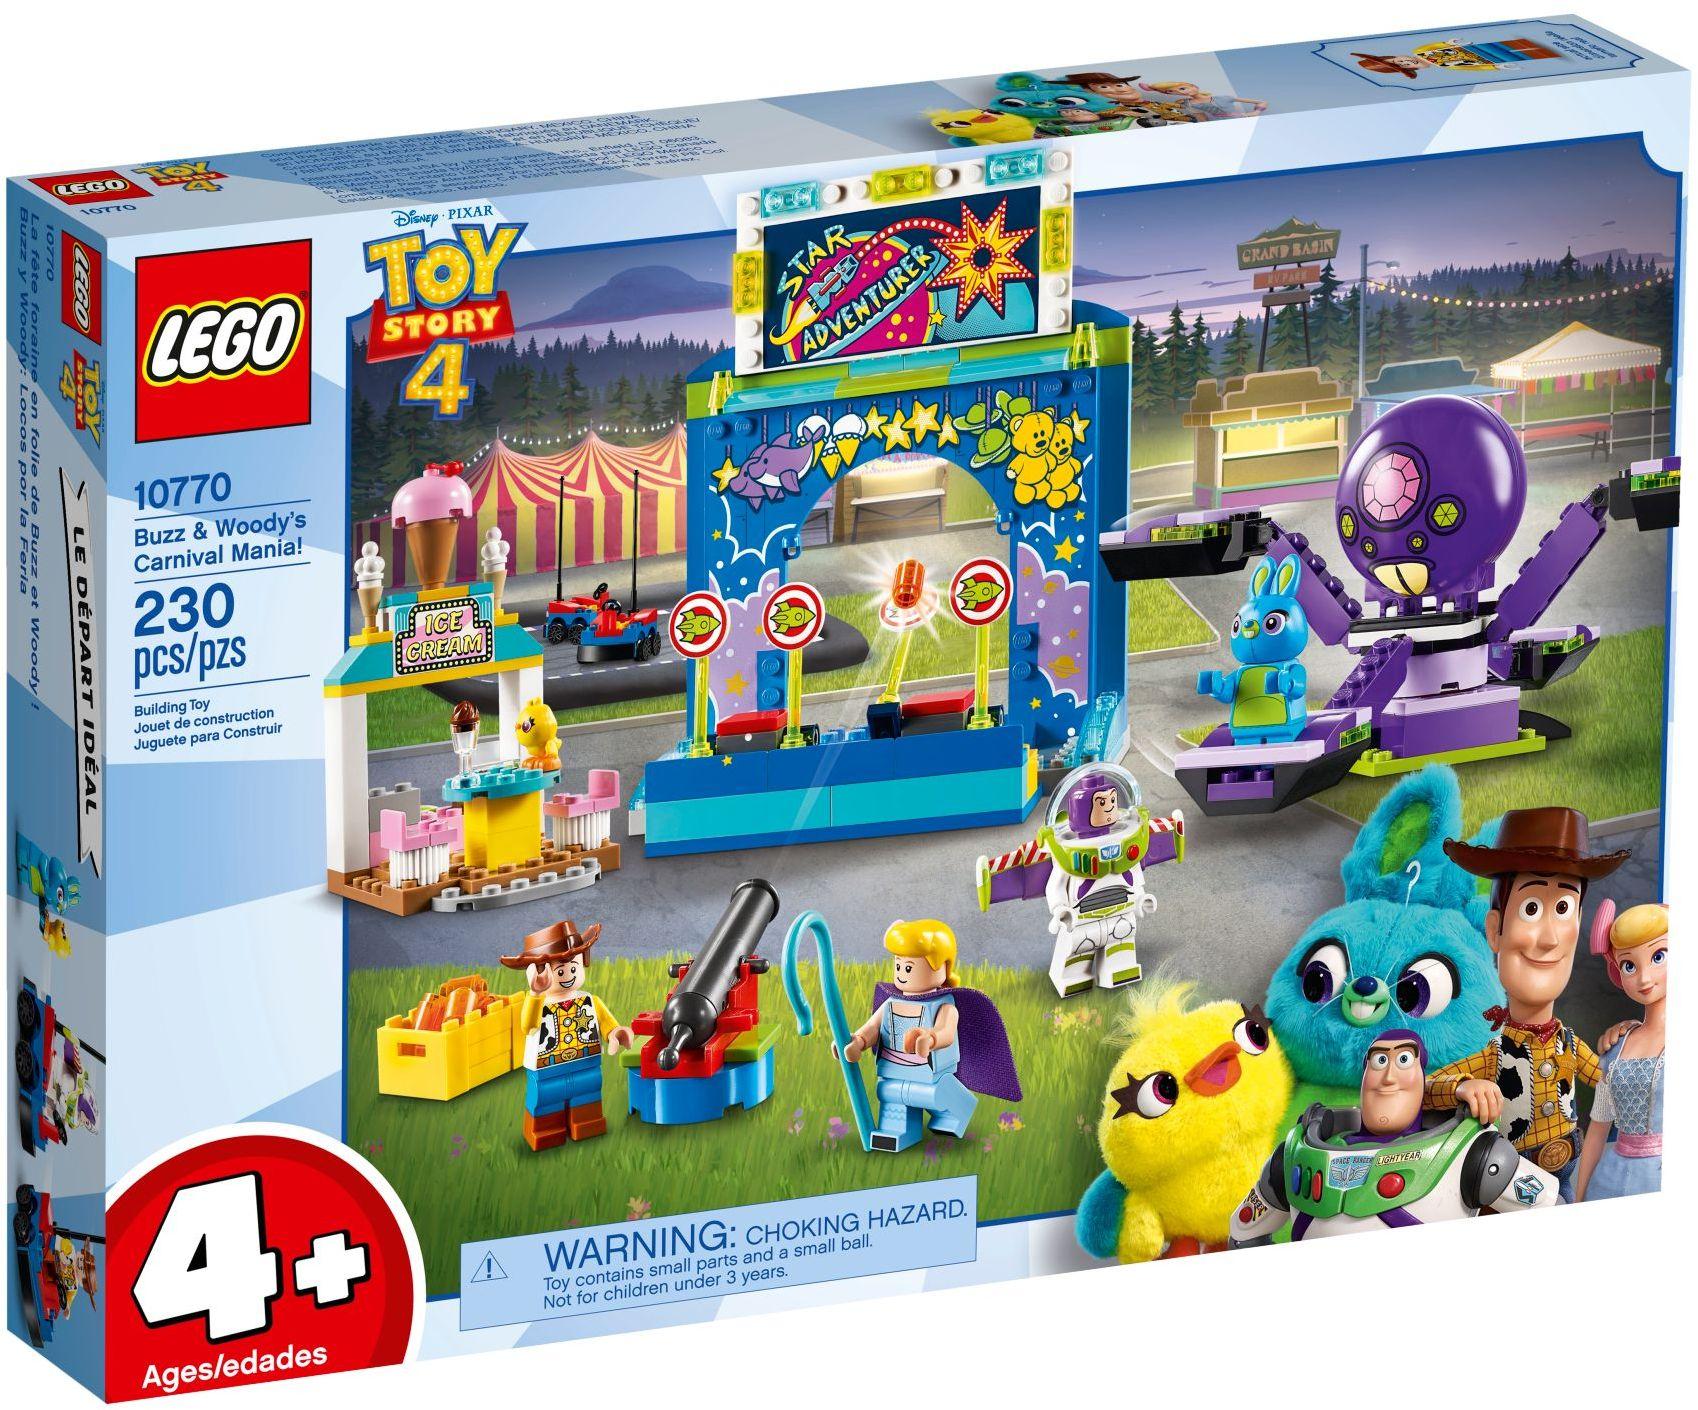 aus Set 7598 Alien Lego Toy Story Figur